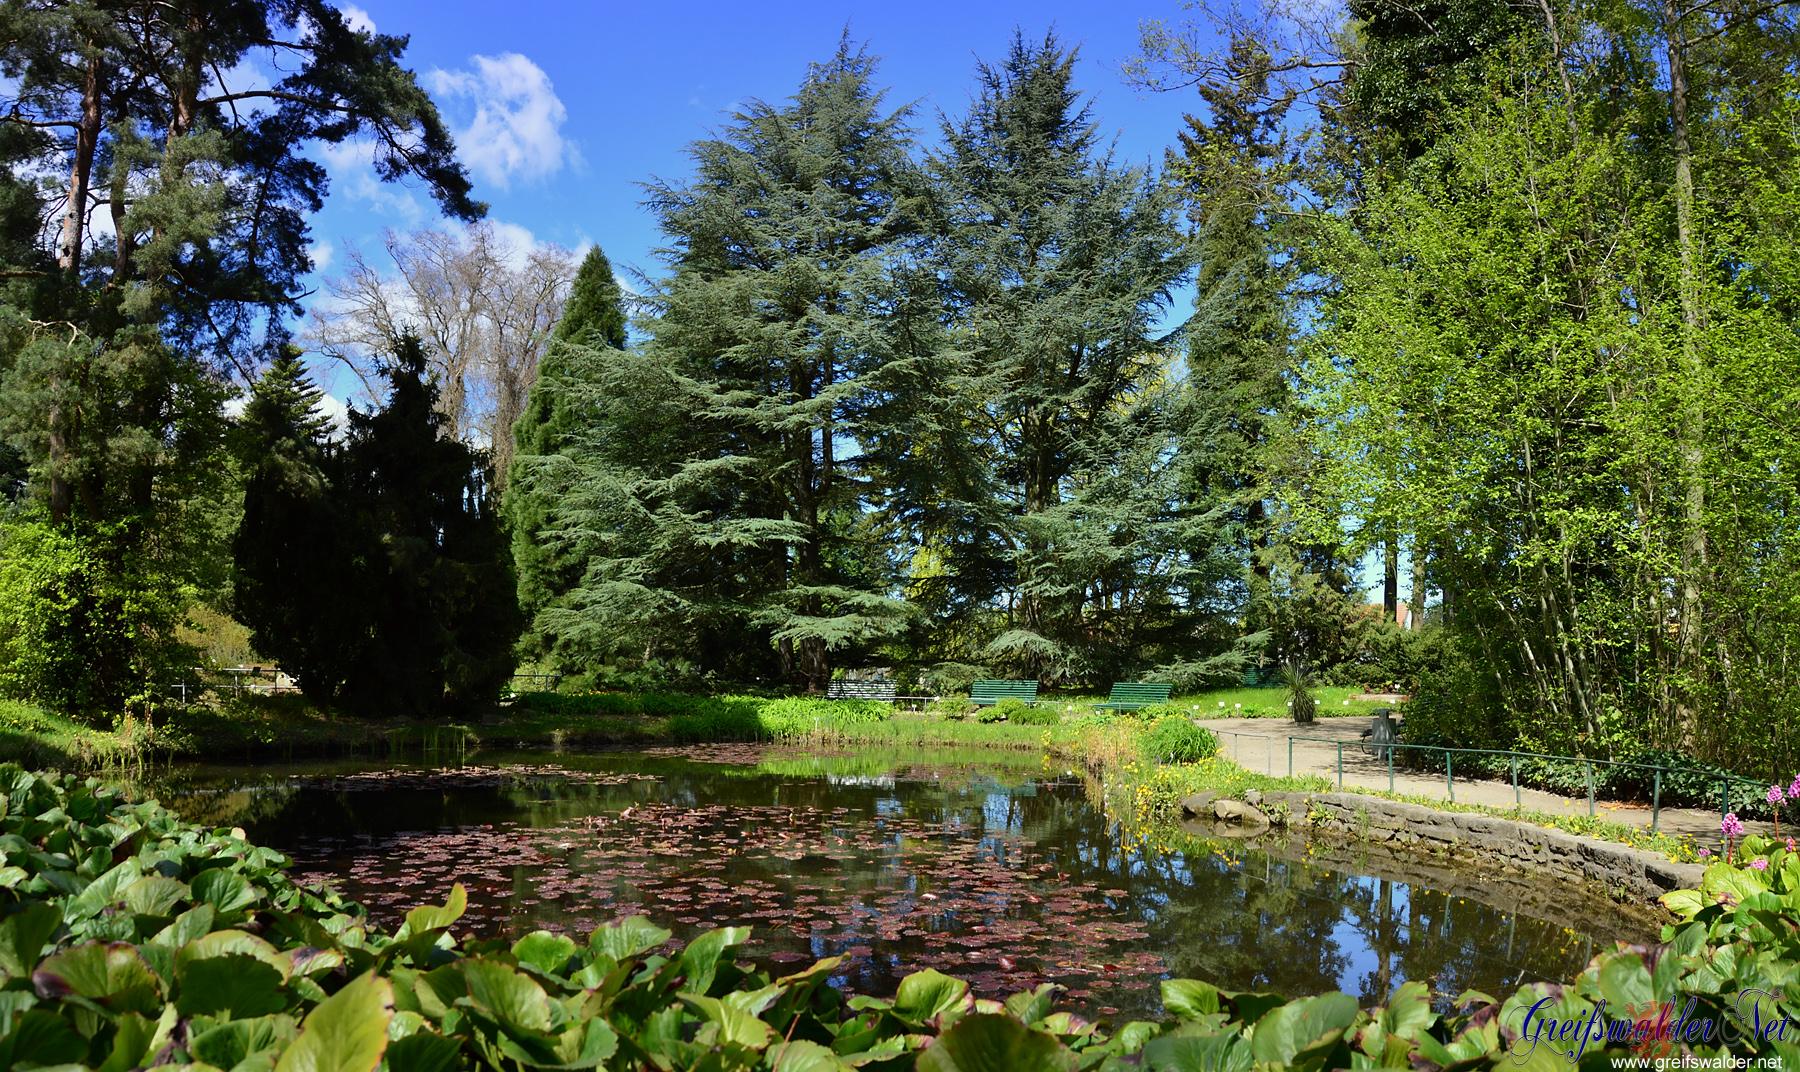 Teich im Arboretum des Botanischen Gartens in Greifswald